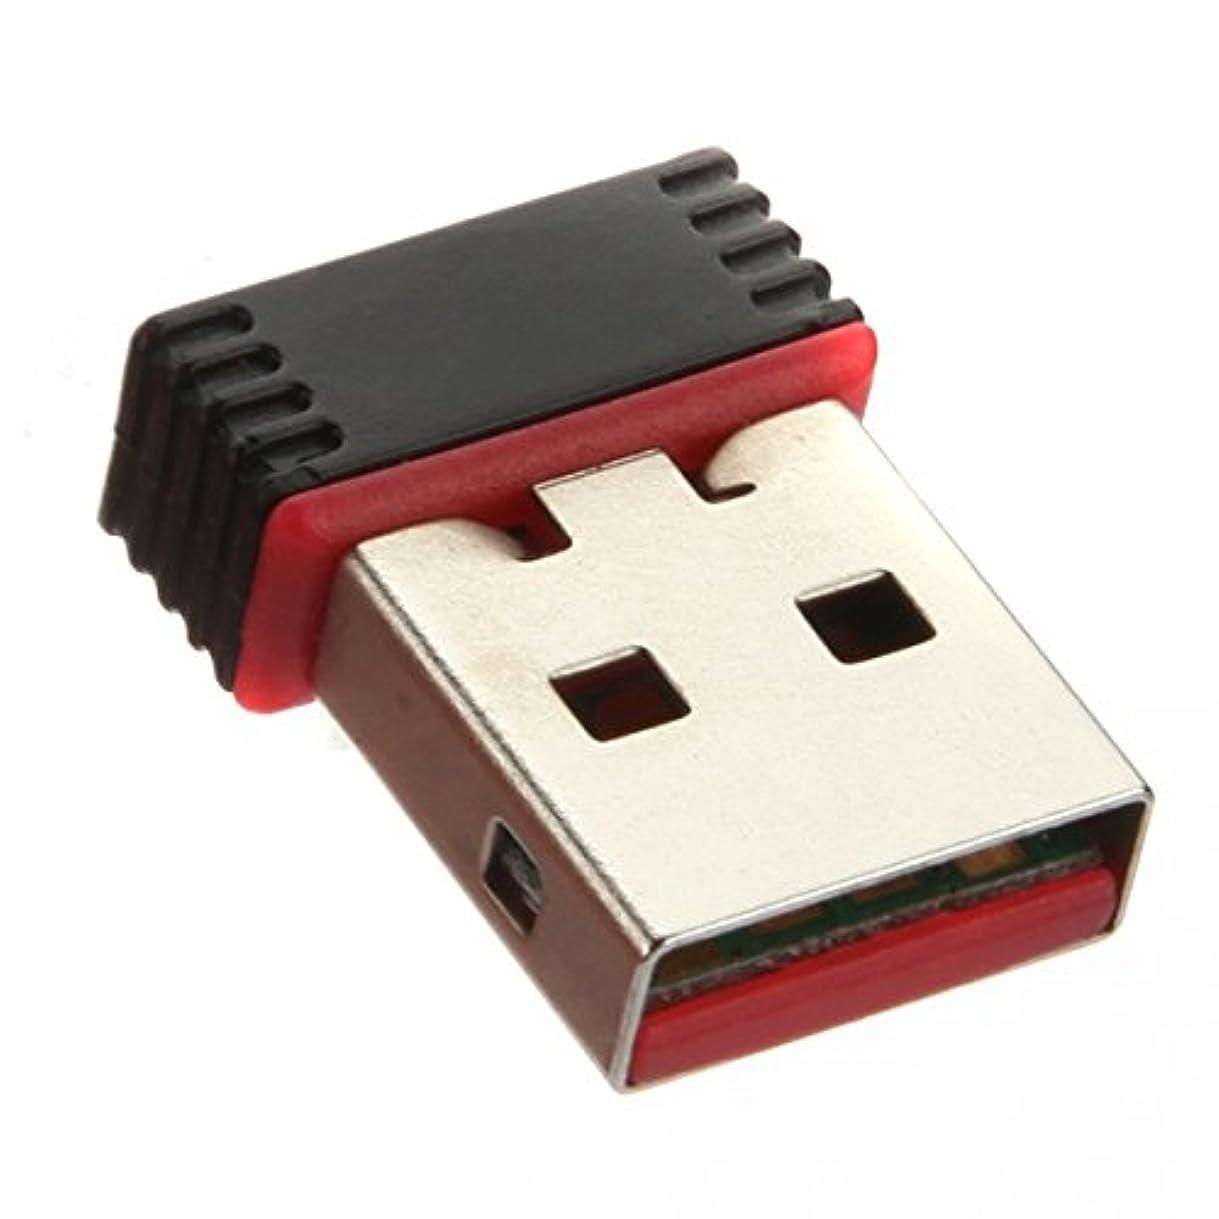 苦しむ不十分細分化する150?M USB Wi - FiワイヤレスアダプタRealtek rtl8188チップfor Windows Mac Linux